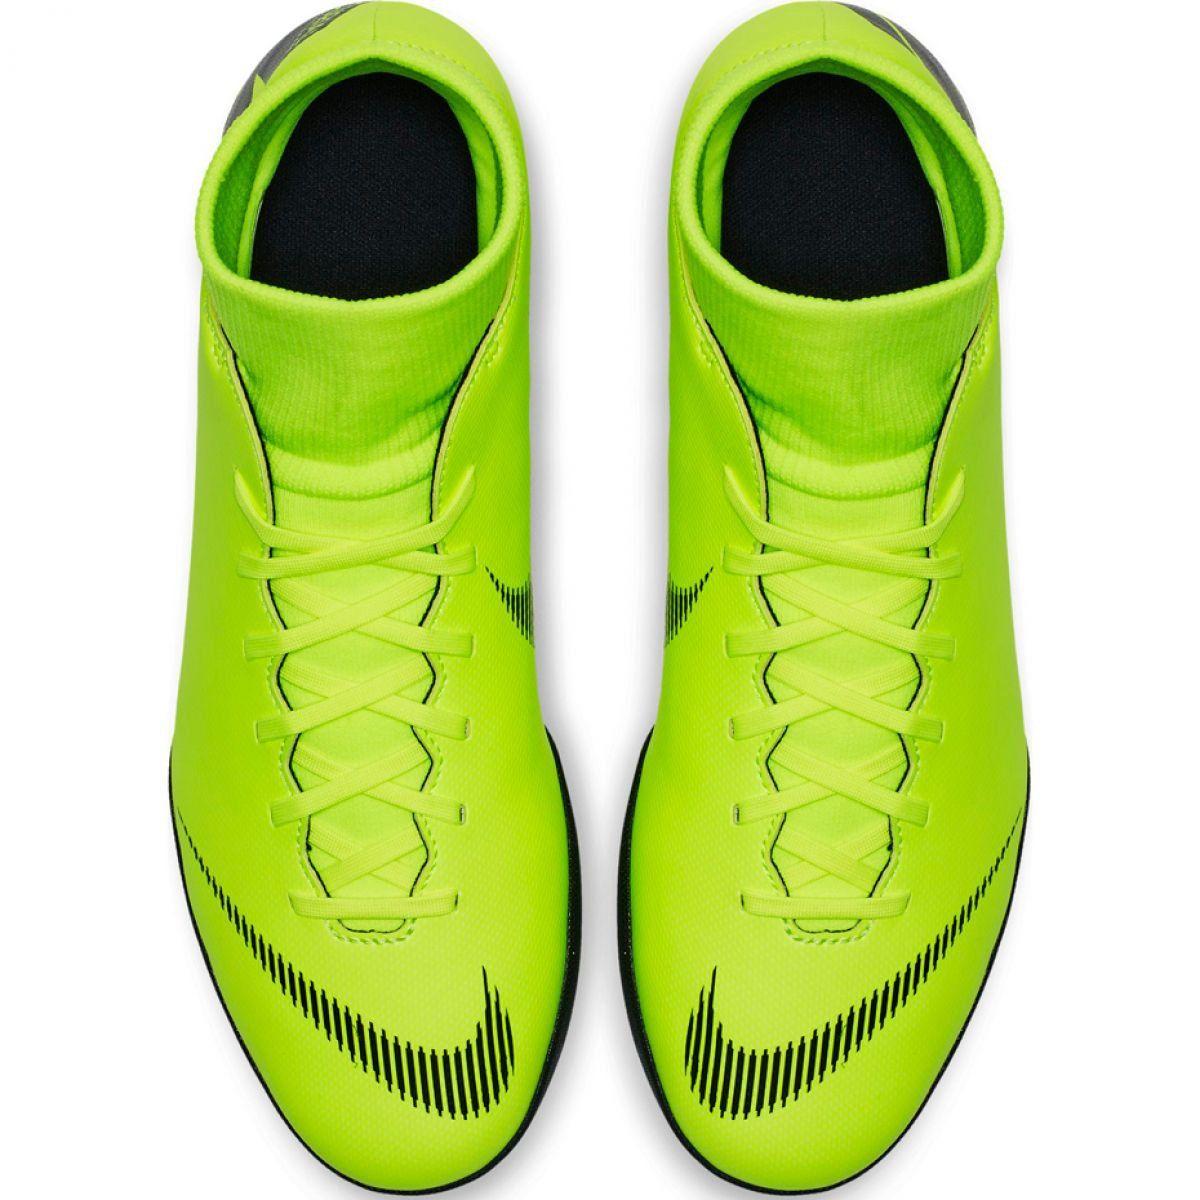 Buty Pilkarskie Nike Mercurial Superfly 6 Club Tf M Ah7372 701 Wielokolorowe Zielone Football Shoes Mens Football Boots Nike